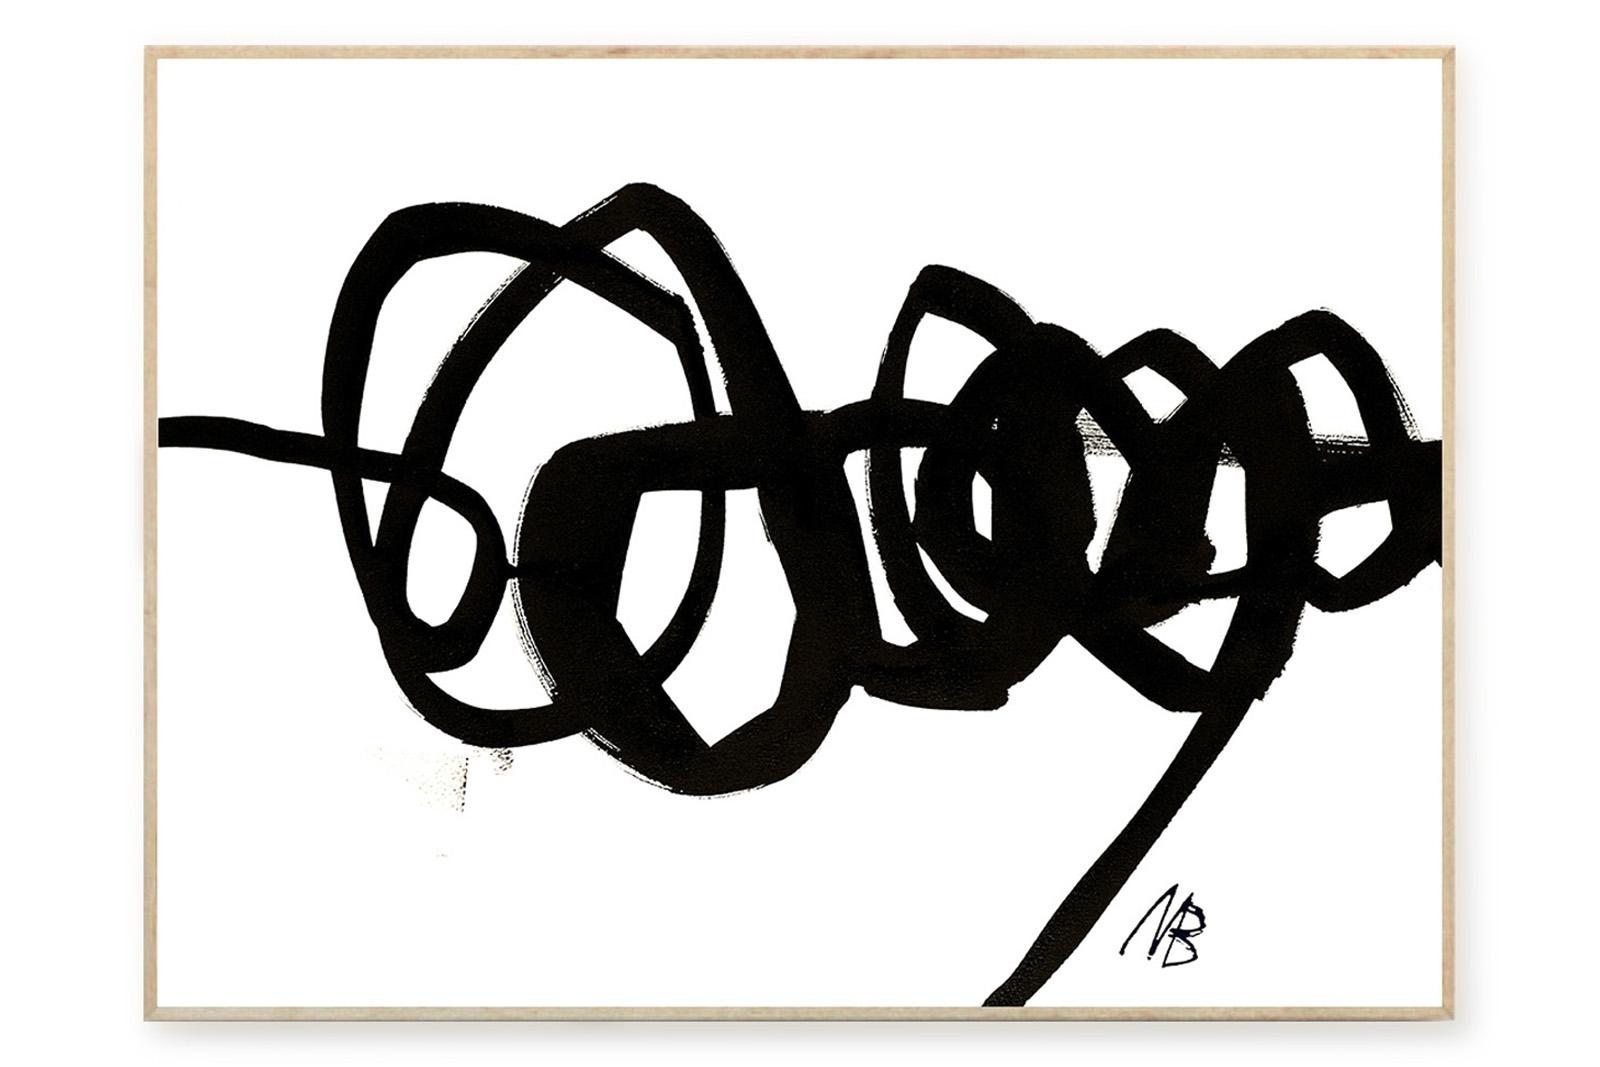 THE POSTER CLUB × Malene Birger ポスター/アートプリント 70×100cm No 05【イラスト インテリア 北欧雑貨 おしゃれ 壁掛け 絵画 パネル モダン モノクロ モノトーン デンマーク コペンハーゲン】